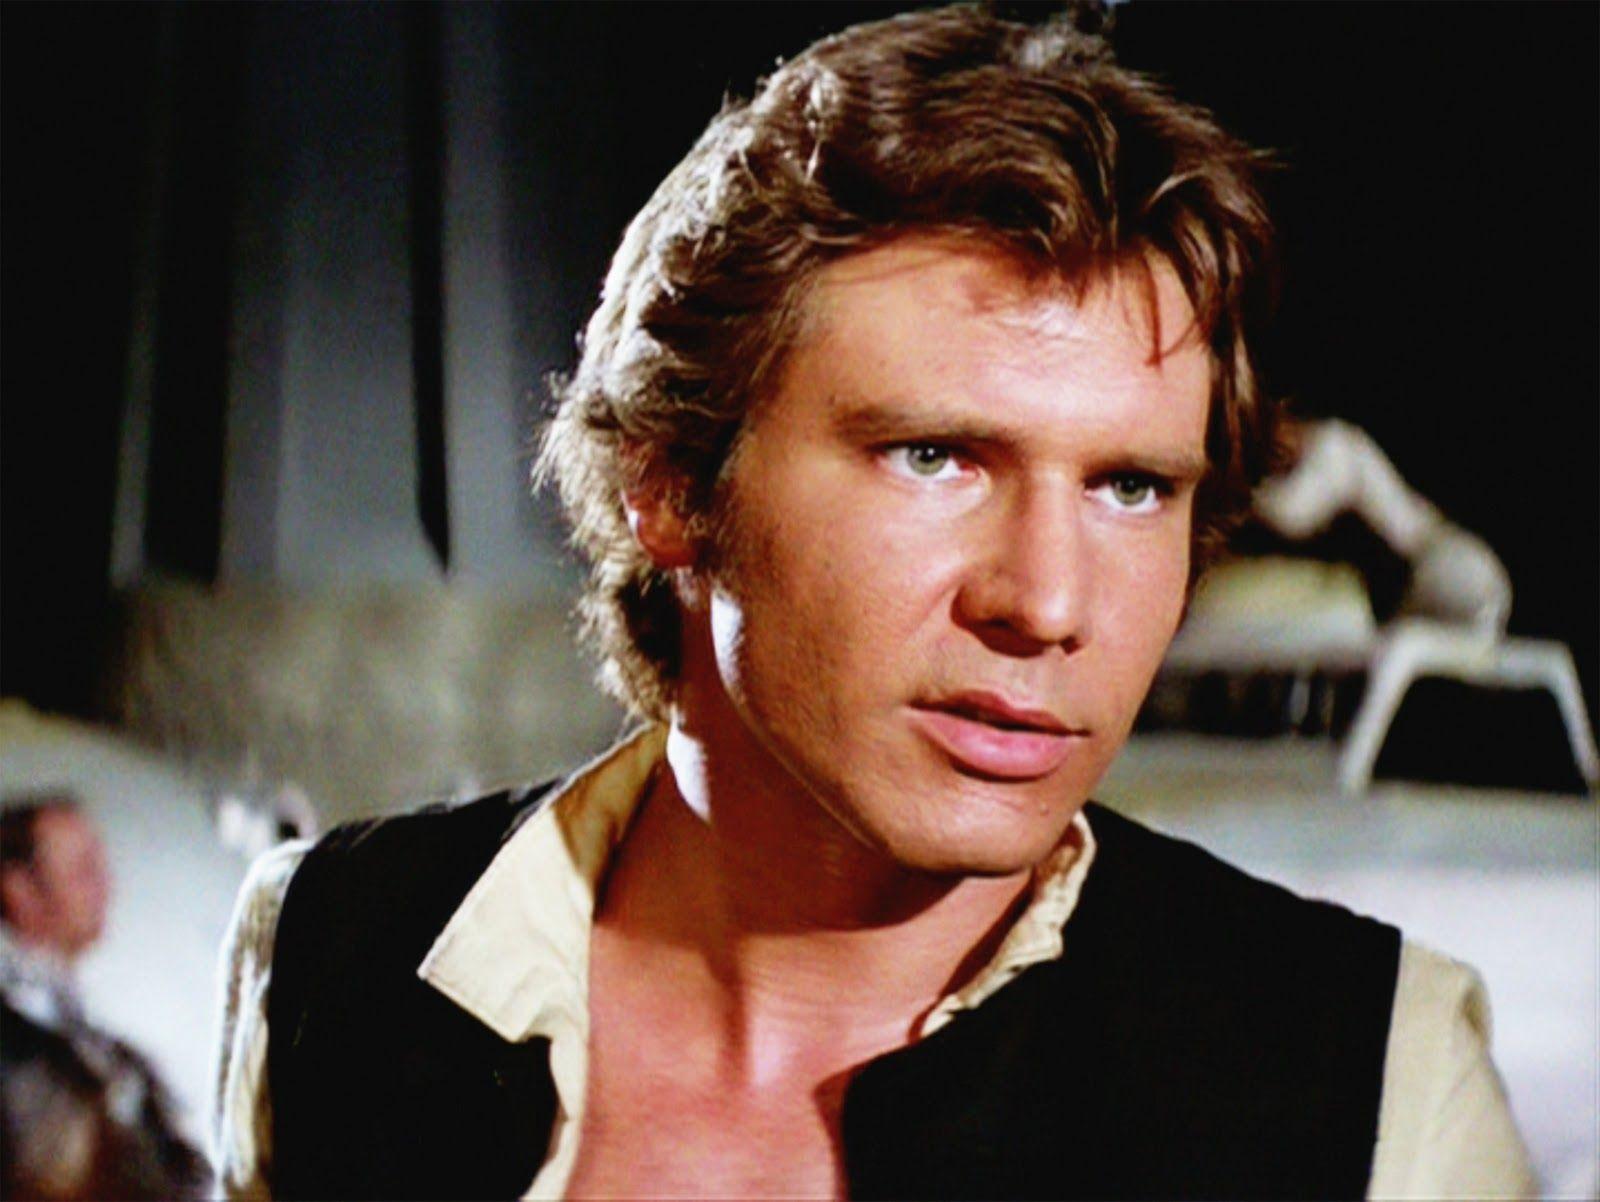 Harrison Ford - around age 12 | Star wars, Star wars episode ... | harrison ford age